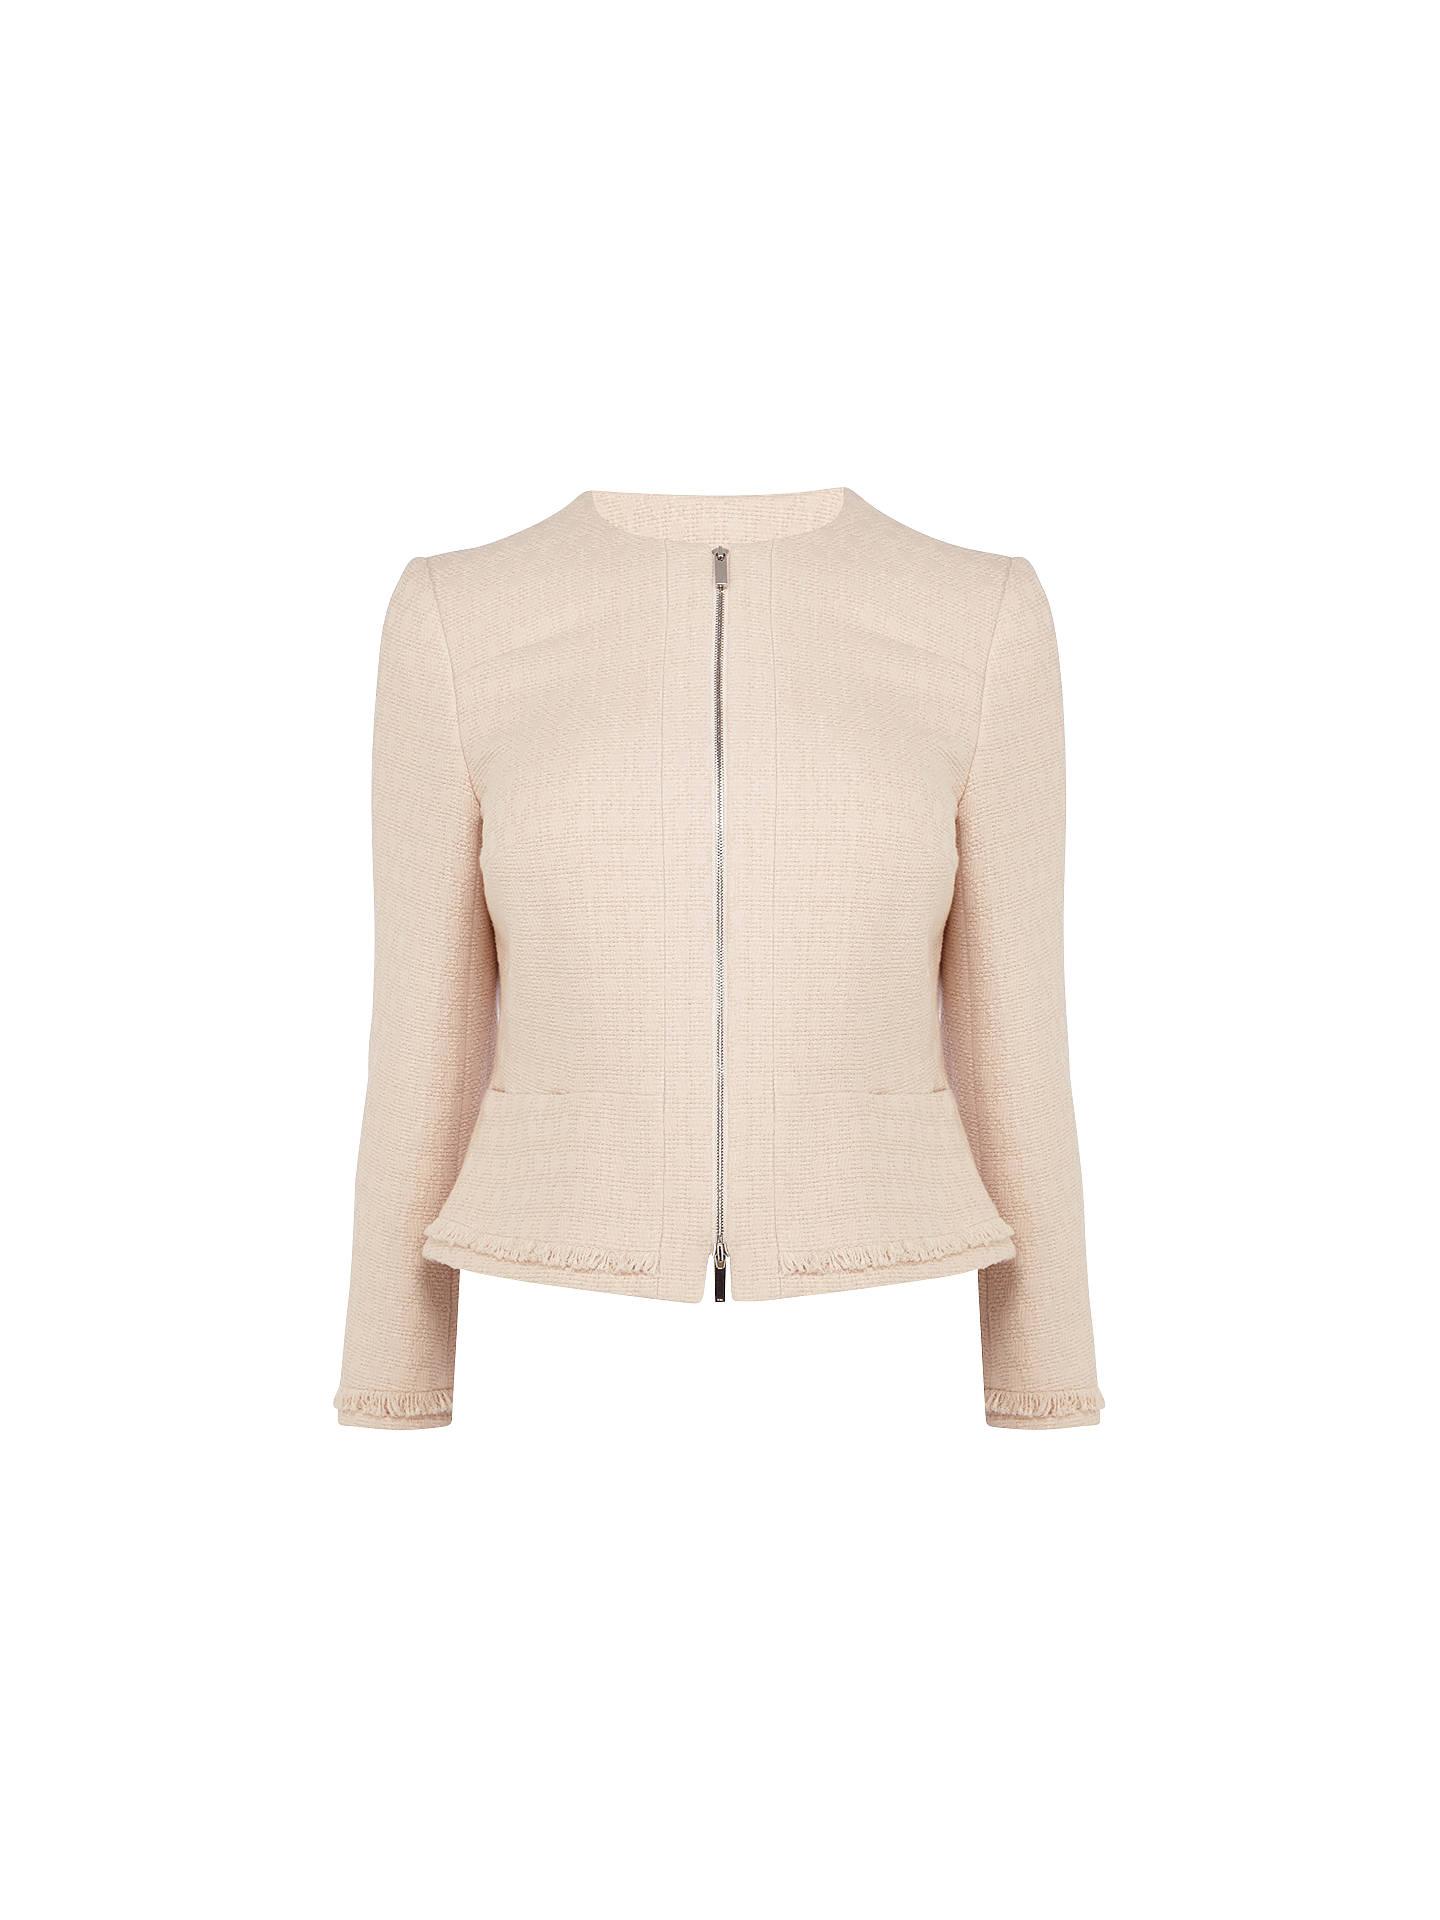 7177778e7120c Buy Karen Millen Fringed Tweed Jacket